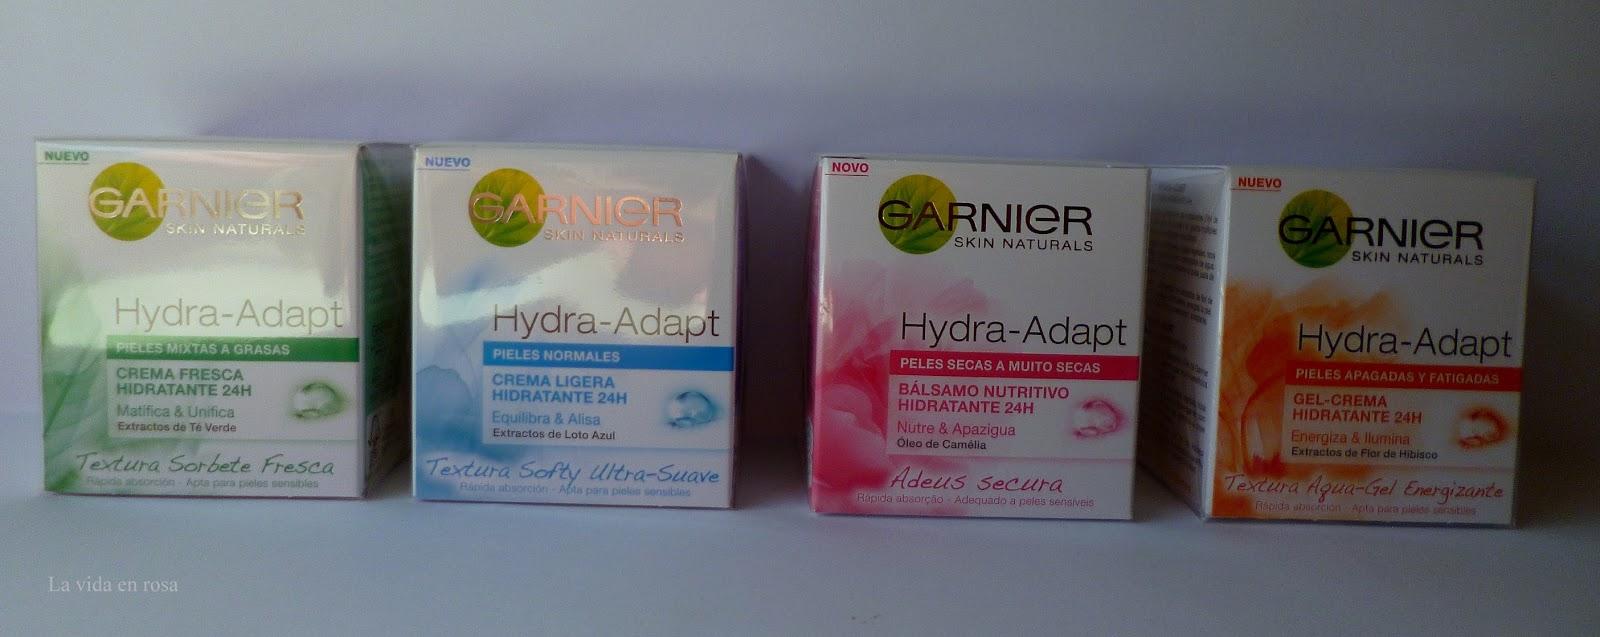 Hydra Adapt De Garnier Hidratación Para Todos Los Tipos De Piel La Vida En Rosa Bloglovin